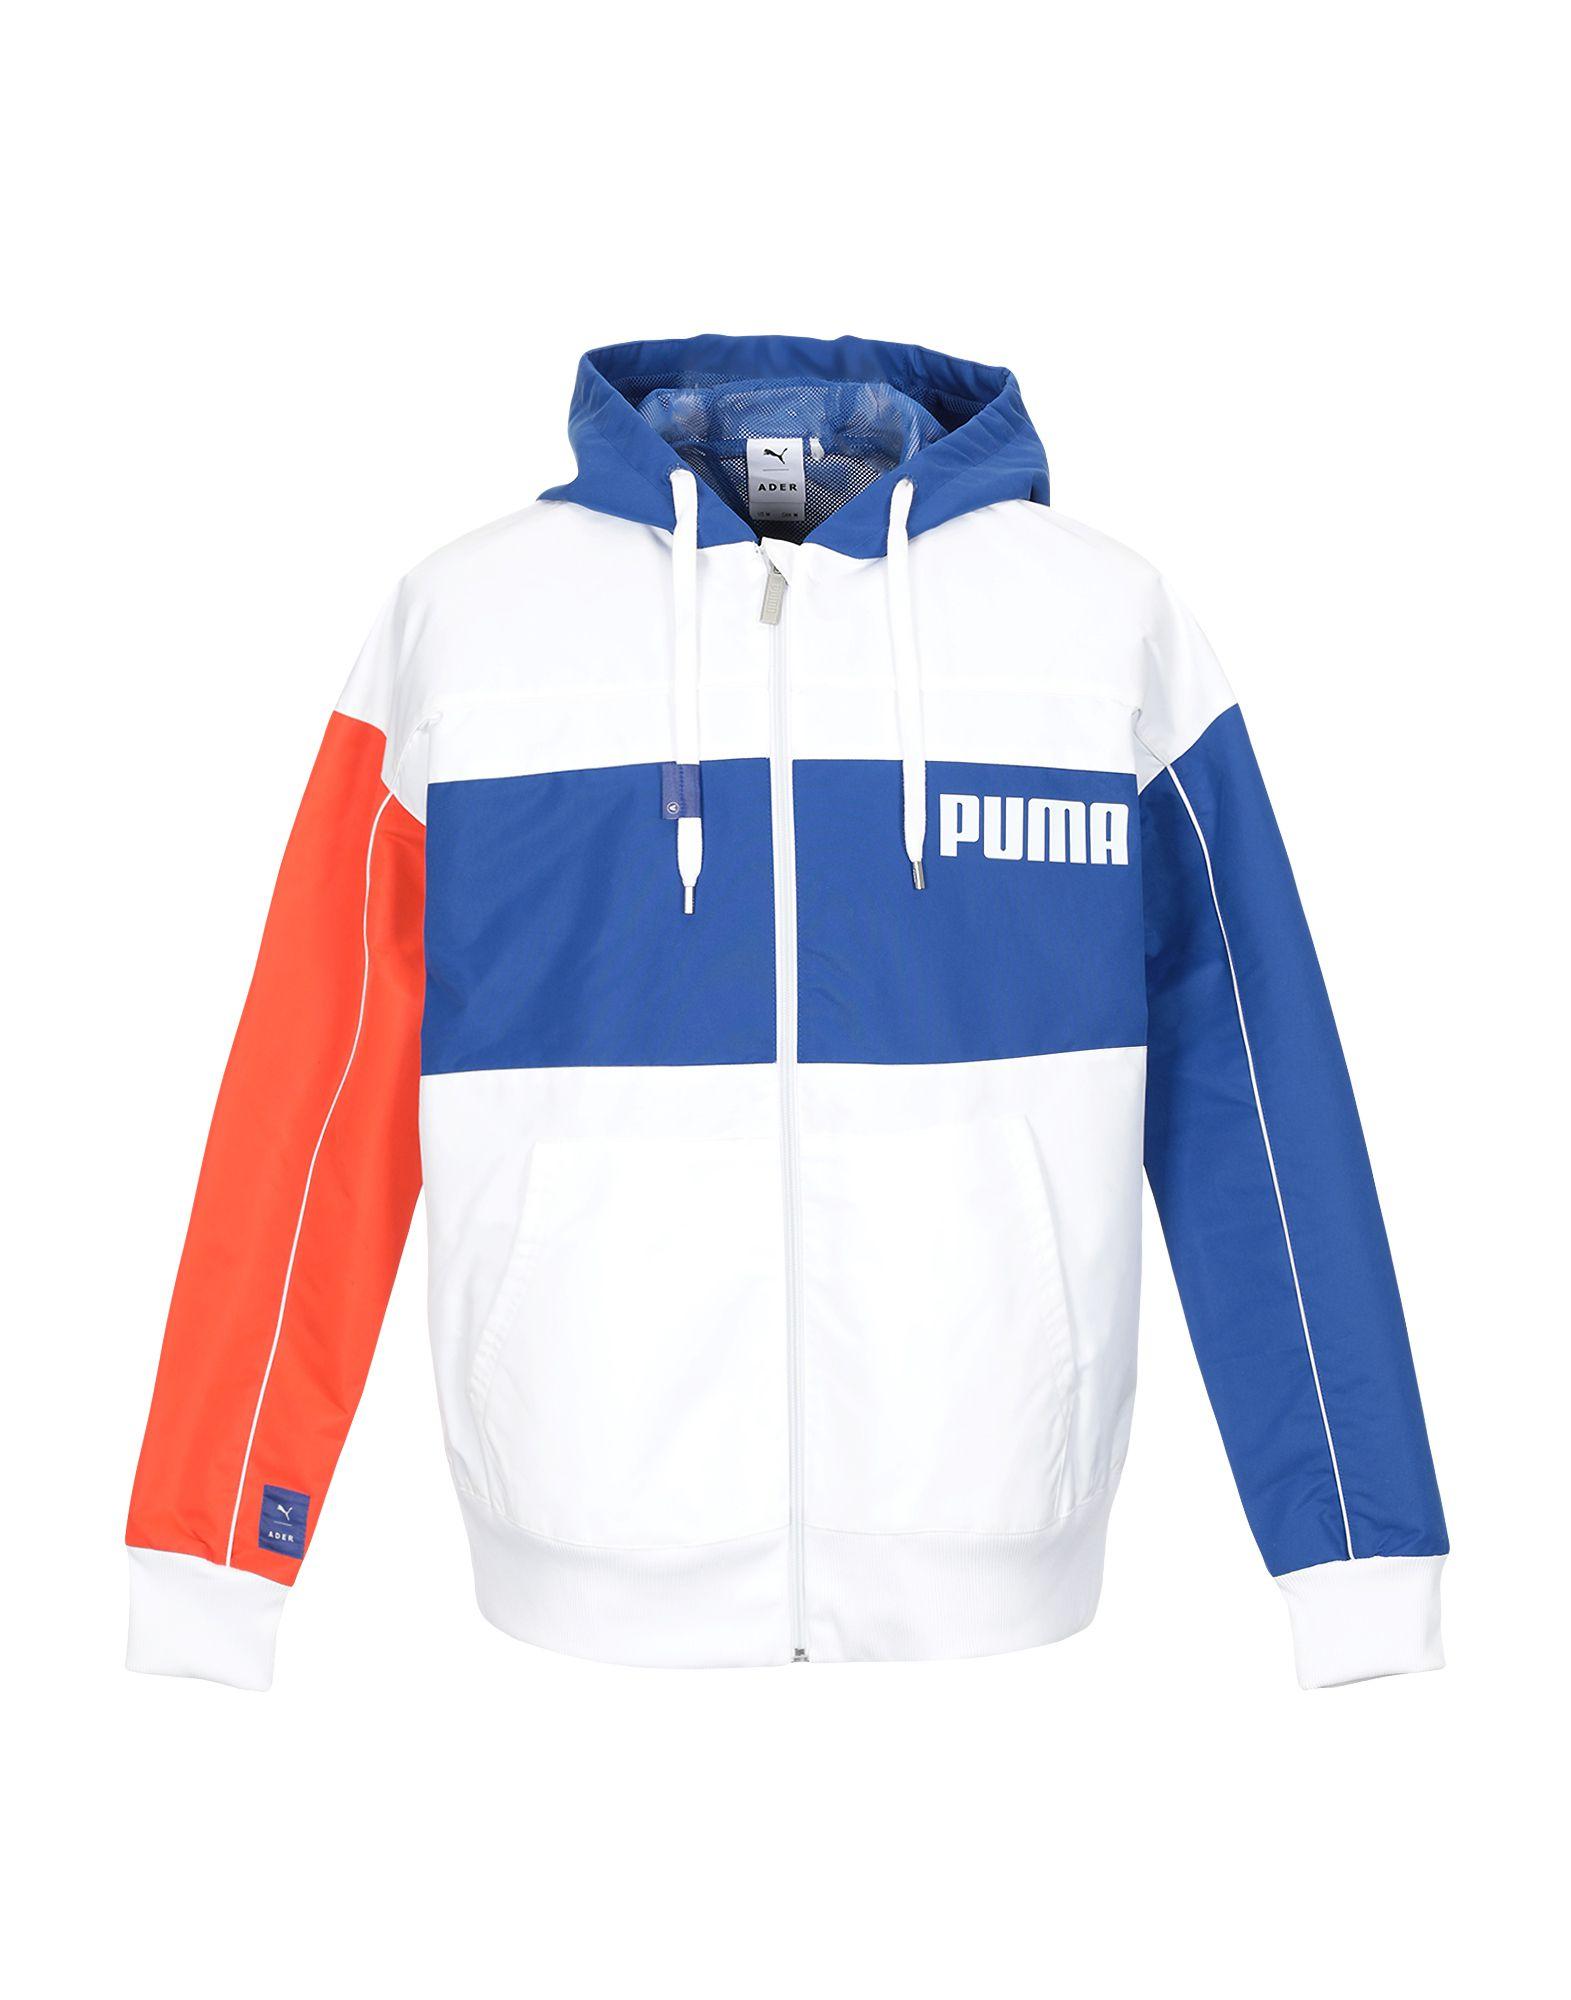 768530e91f PUMA x ADER ERROR Jacket - Coats & Jackets | YOOX.COM